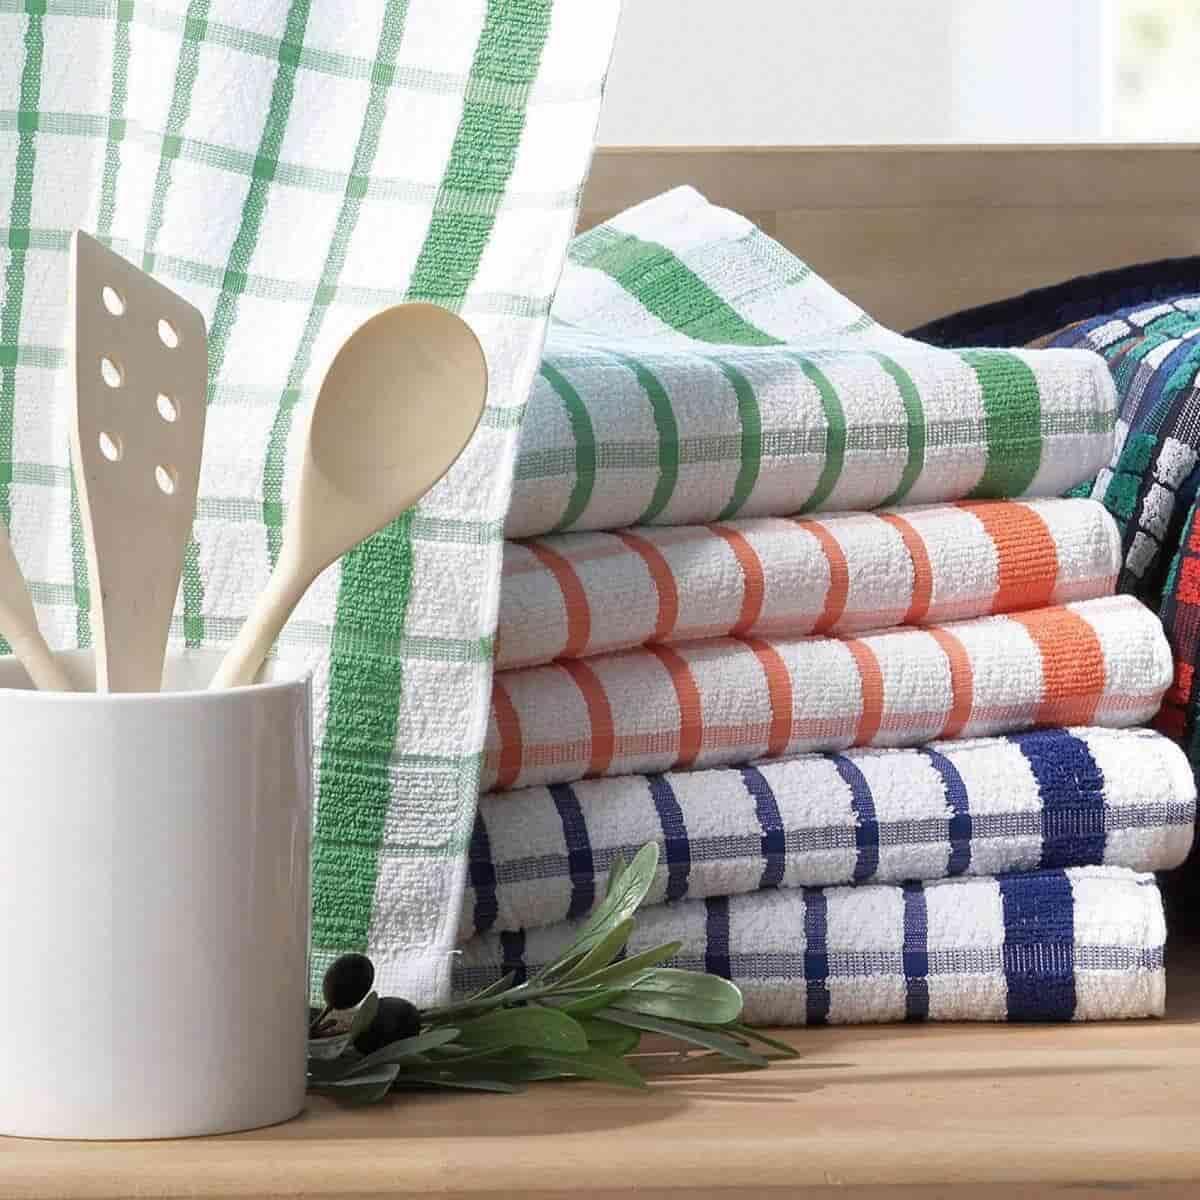 кухненски къррпи чистота